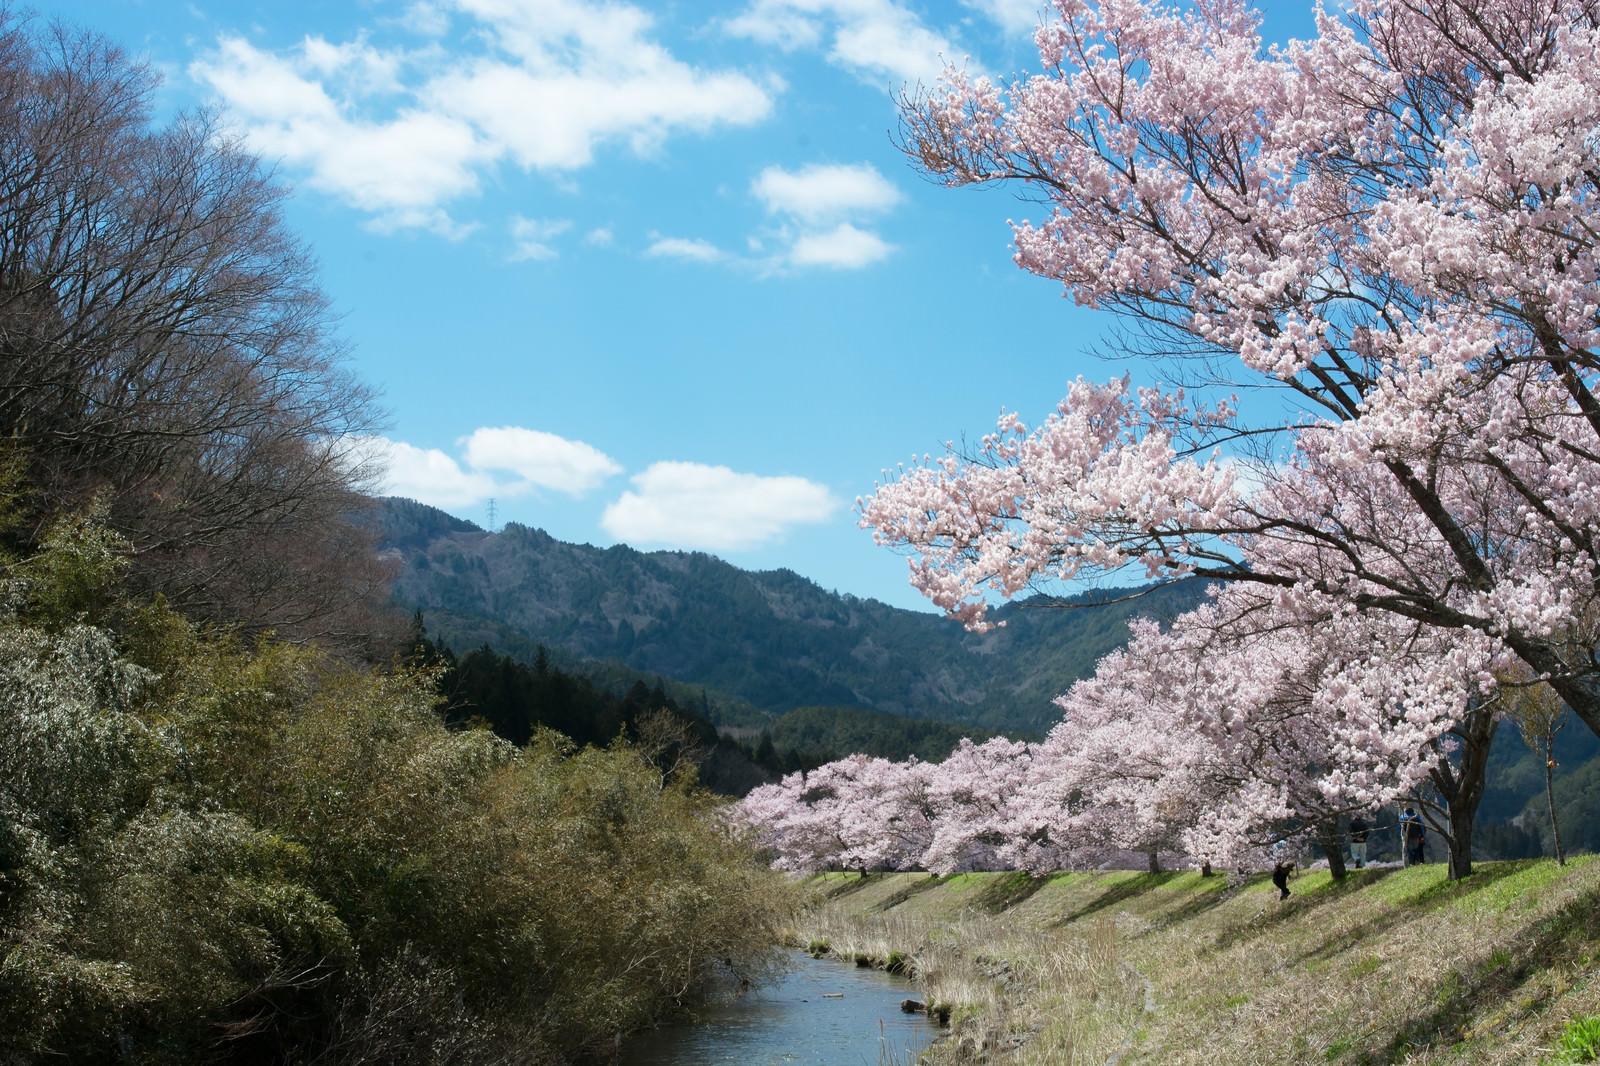 「名倉川沿いを続くコヒガン桜並木」の写真